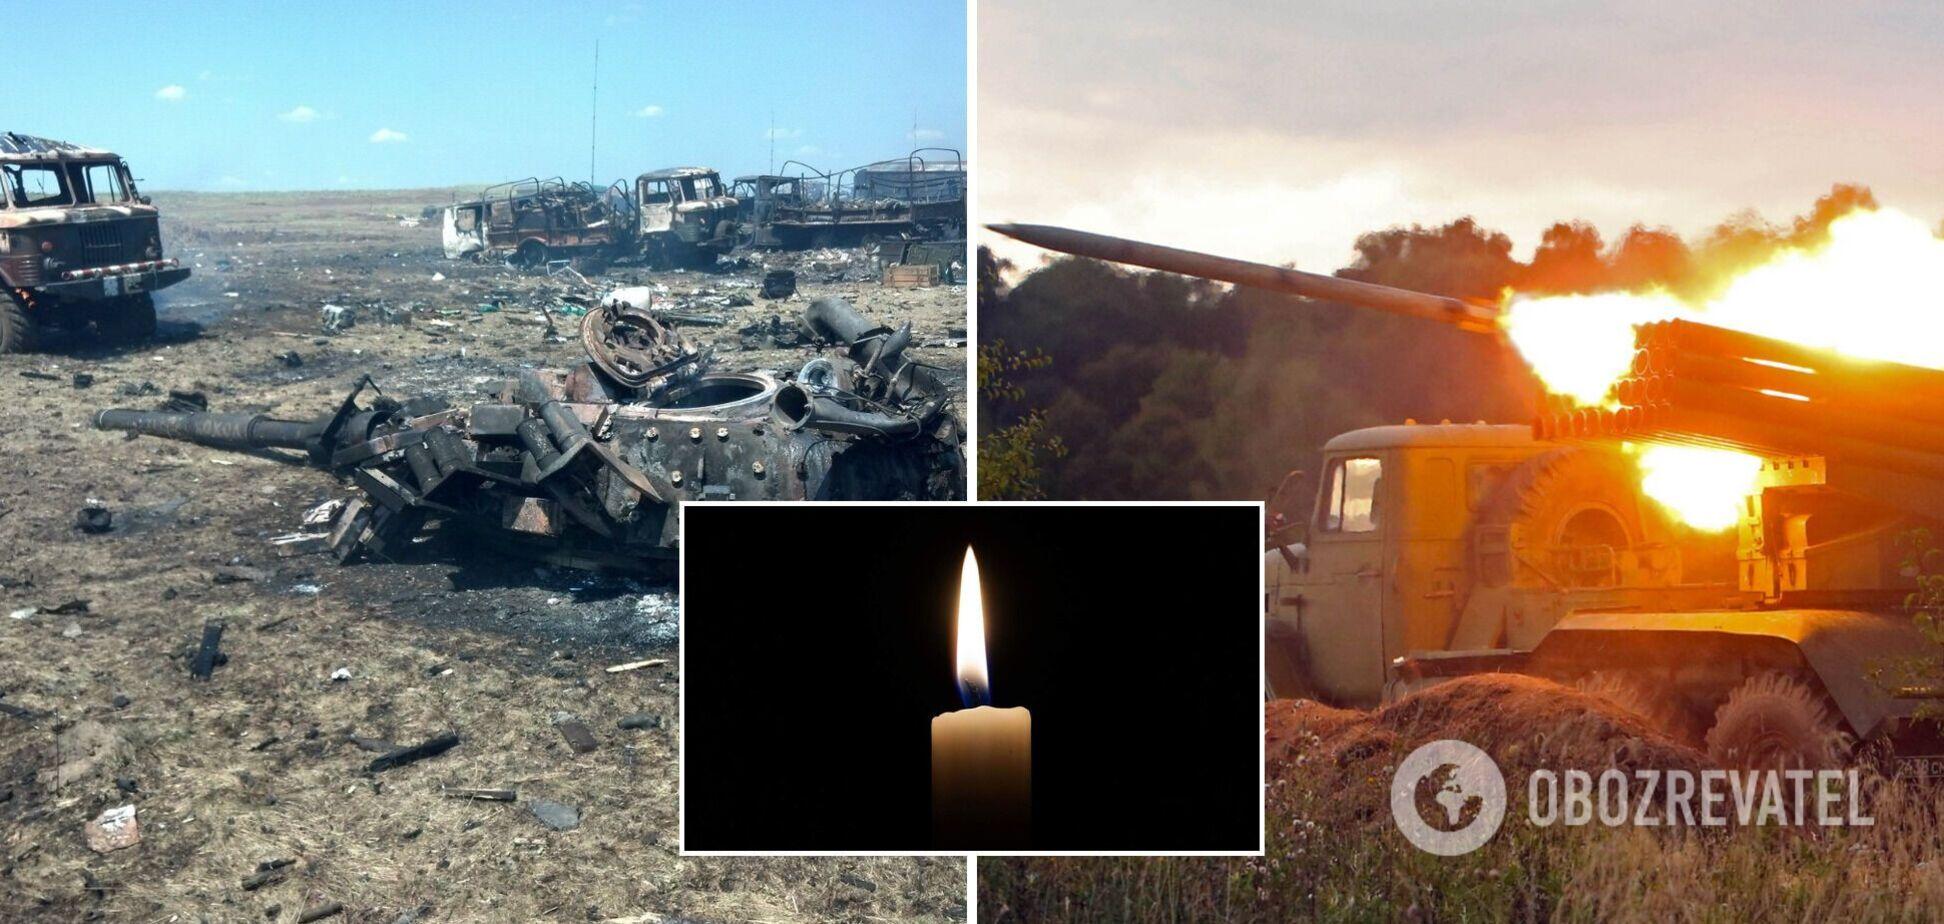 Сім років тому артилерія РФ завдала удару по позиціях ЗСУ під Зеленопіллям: загинули 37 воїнів